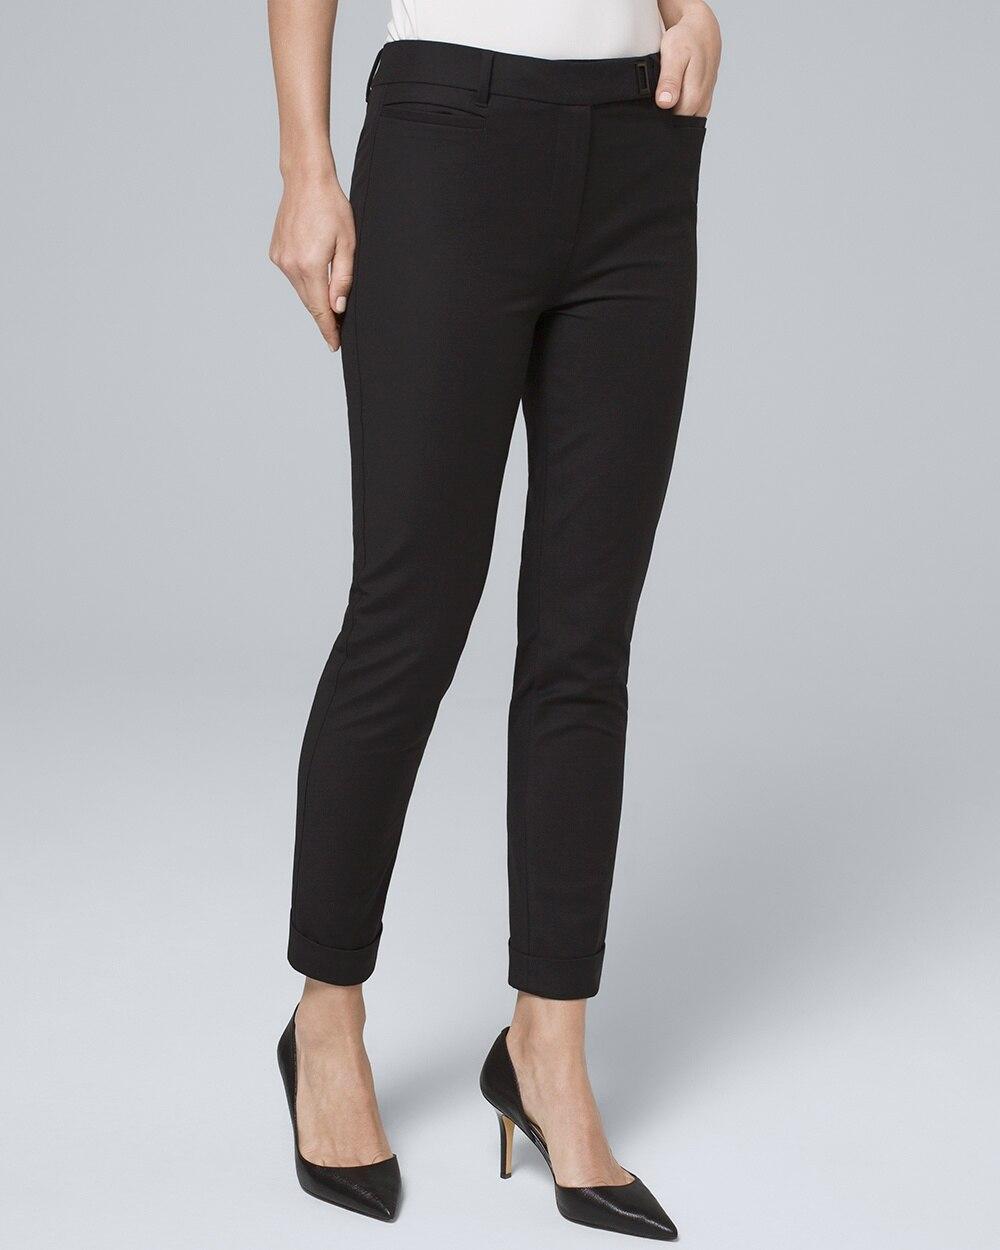 Modern Fit Slim Crop Pants by Whbm